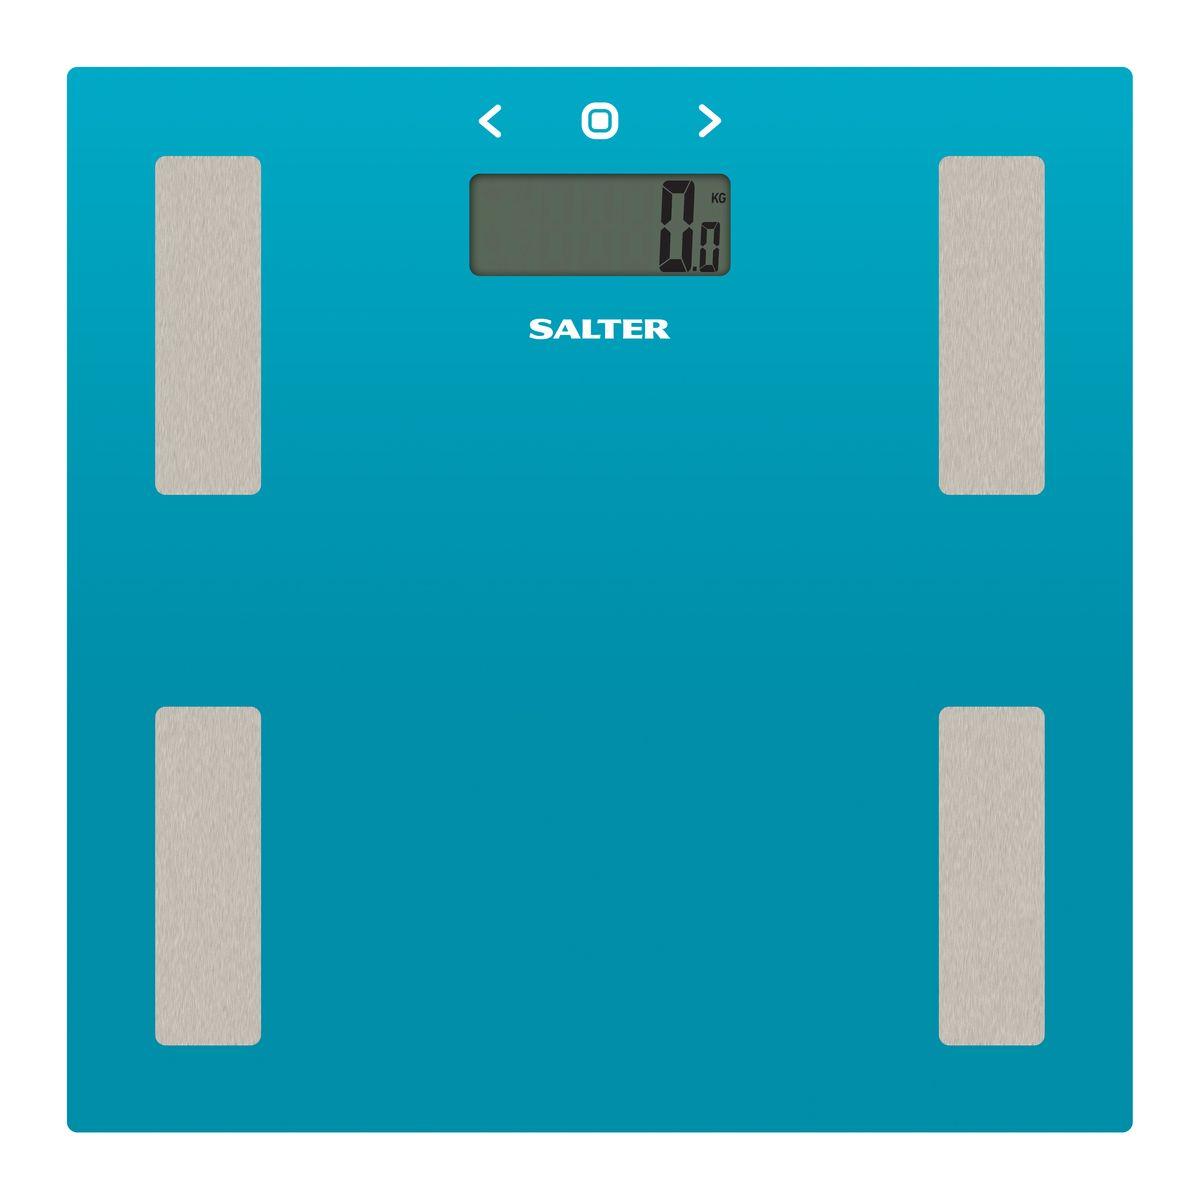 Salter 9150 TL3R напольные весы9150 TL3RДиагностические напольные весы. Измерение веса, а также процентное содержание жира, процентное содержание воды в организме и ИМТ. Память на 8 пользователей. Точность измерения 0.1 кг. Максимальное измерение 180 кг. Режим спортсмена. Интеллектуальная шкала для точного мониторинга прогресса в весе для тех, кто тренируется. Сверхтонкая платформа - гладкий современный дизайн, тонкий корпус для удобного хранения. Быстрое измерение. Включает в себя 2 х ААА батареи. Стильный бирюзовый цвет на ваш выбор для поддержания дизайна интерьера вашей ванной комнаты. Специальные ножки для ковра в комплекте, чтобы точно измерять вес на ковре или других неровных поверхностях